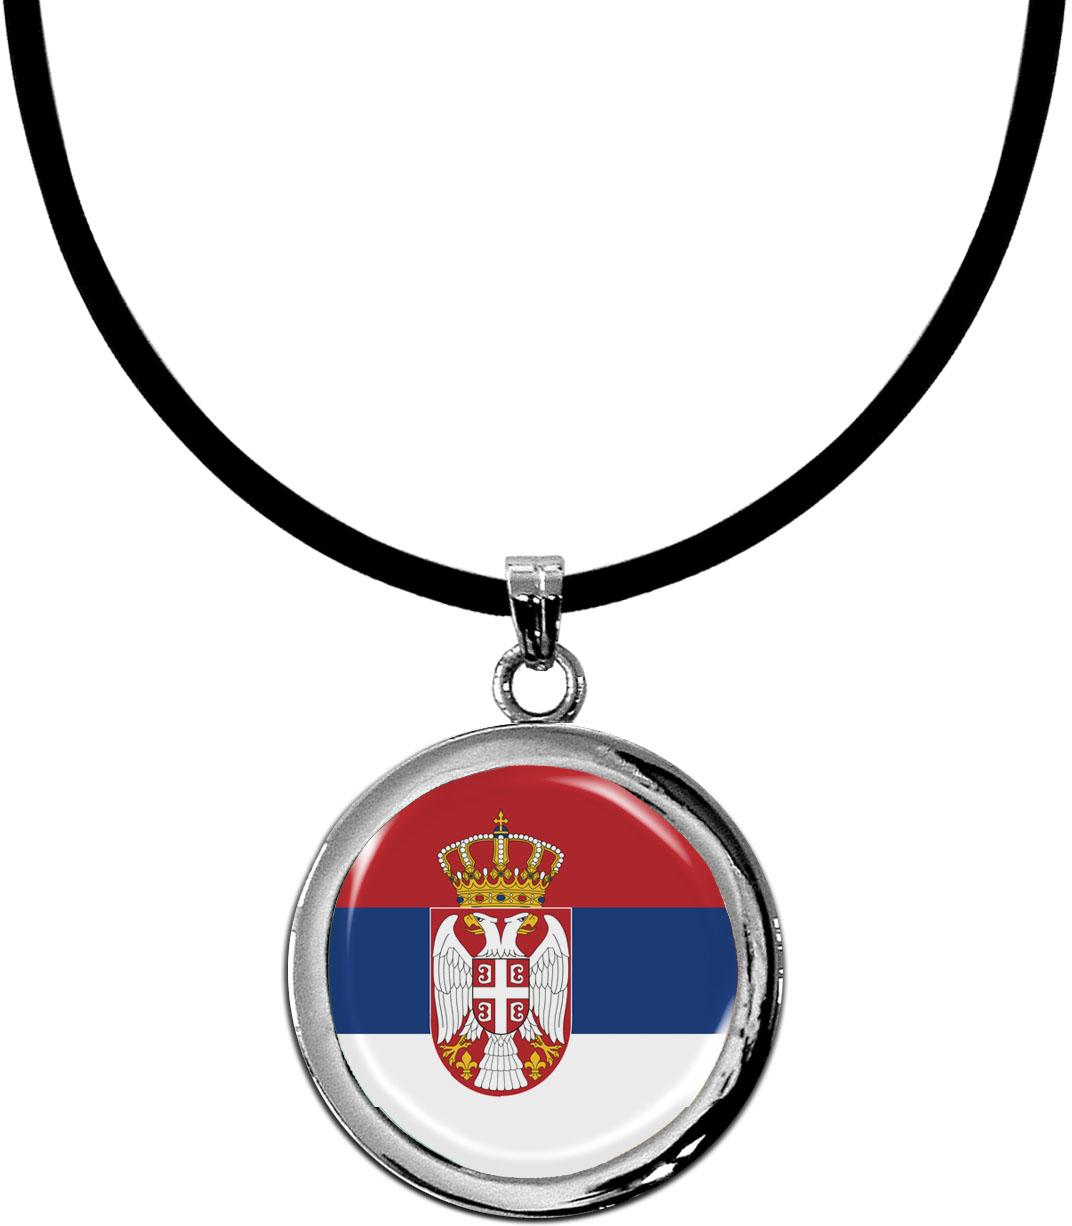 Kettenanhänger / Serbien / Silikonband mit Silberverschluss